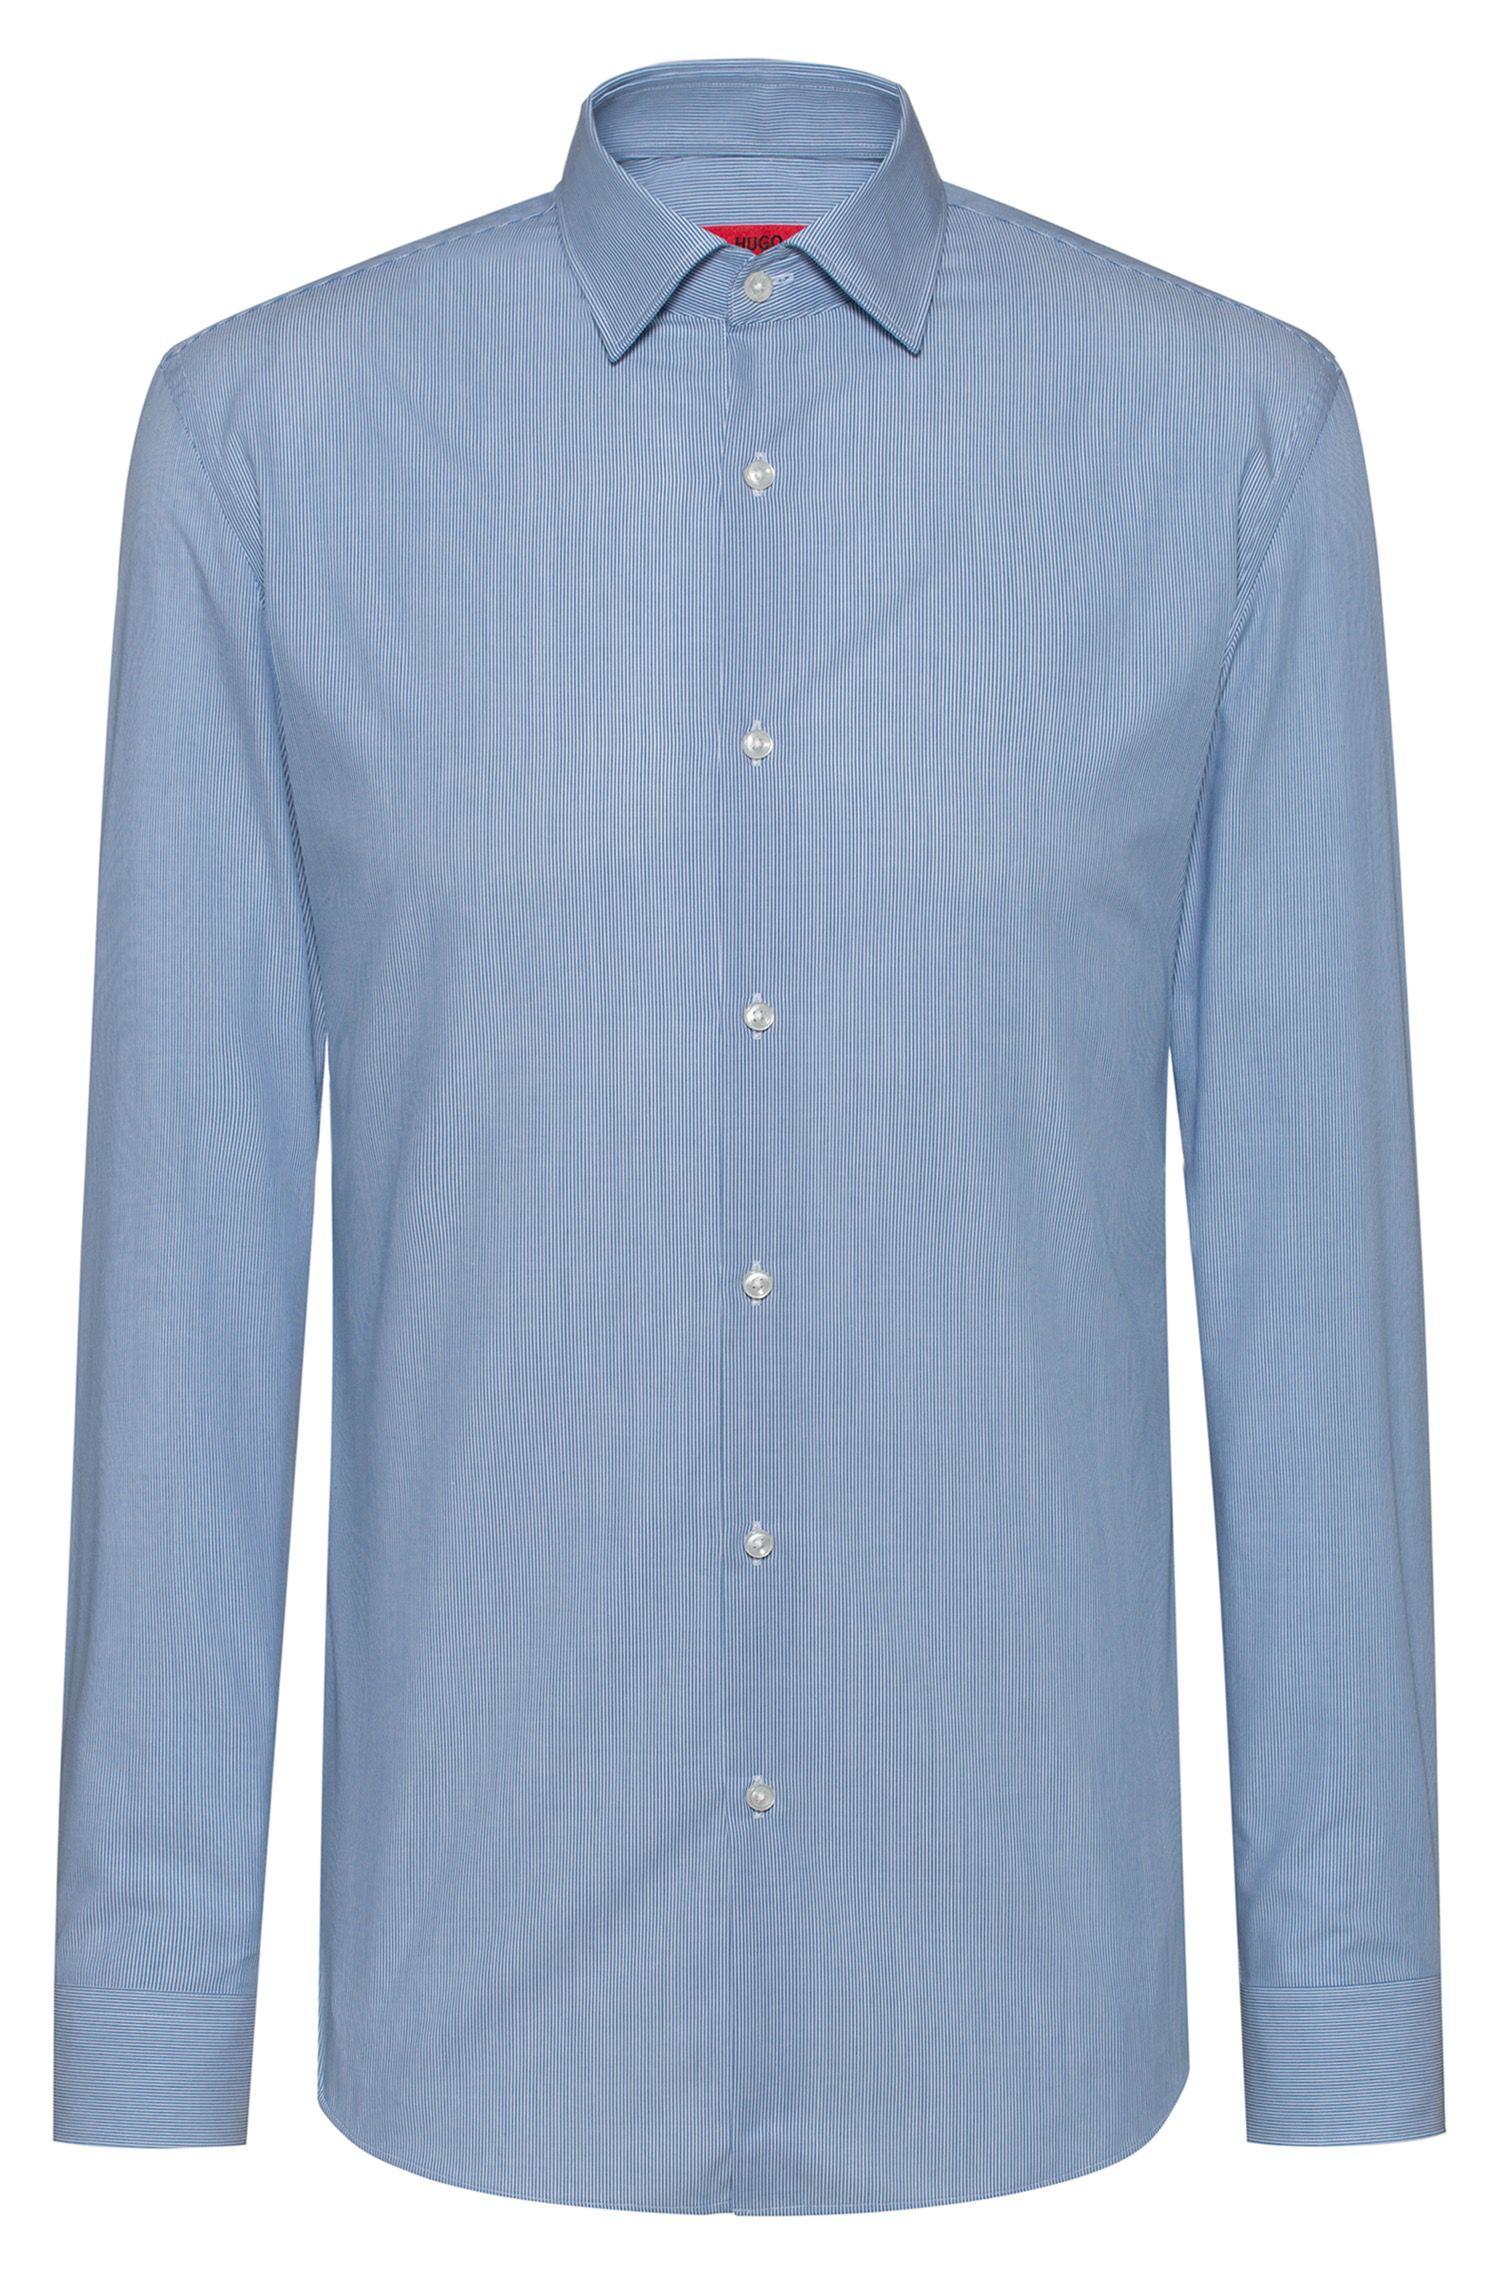 Gestreiftes Slim-Fit Hemd aus bügelleichter Baumwoll-Popeline, Gemustert